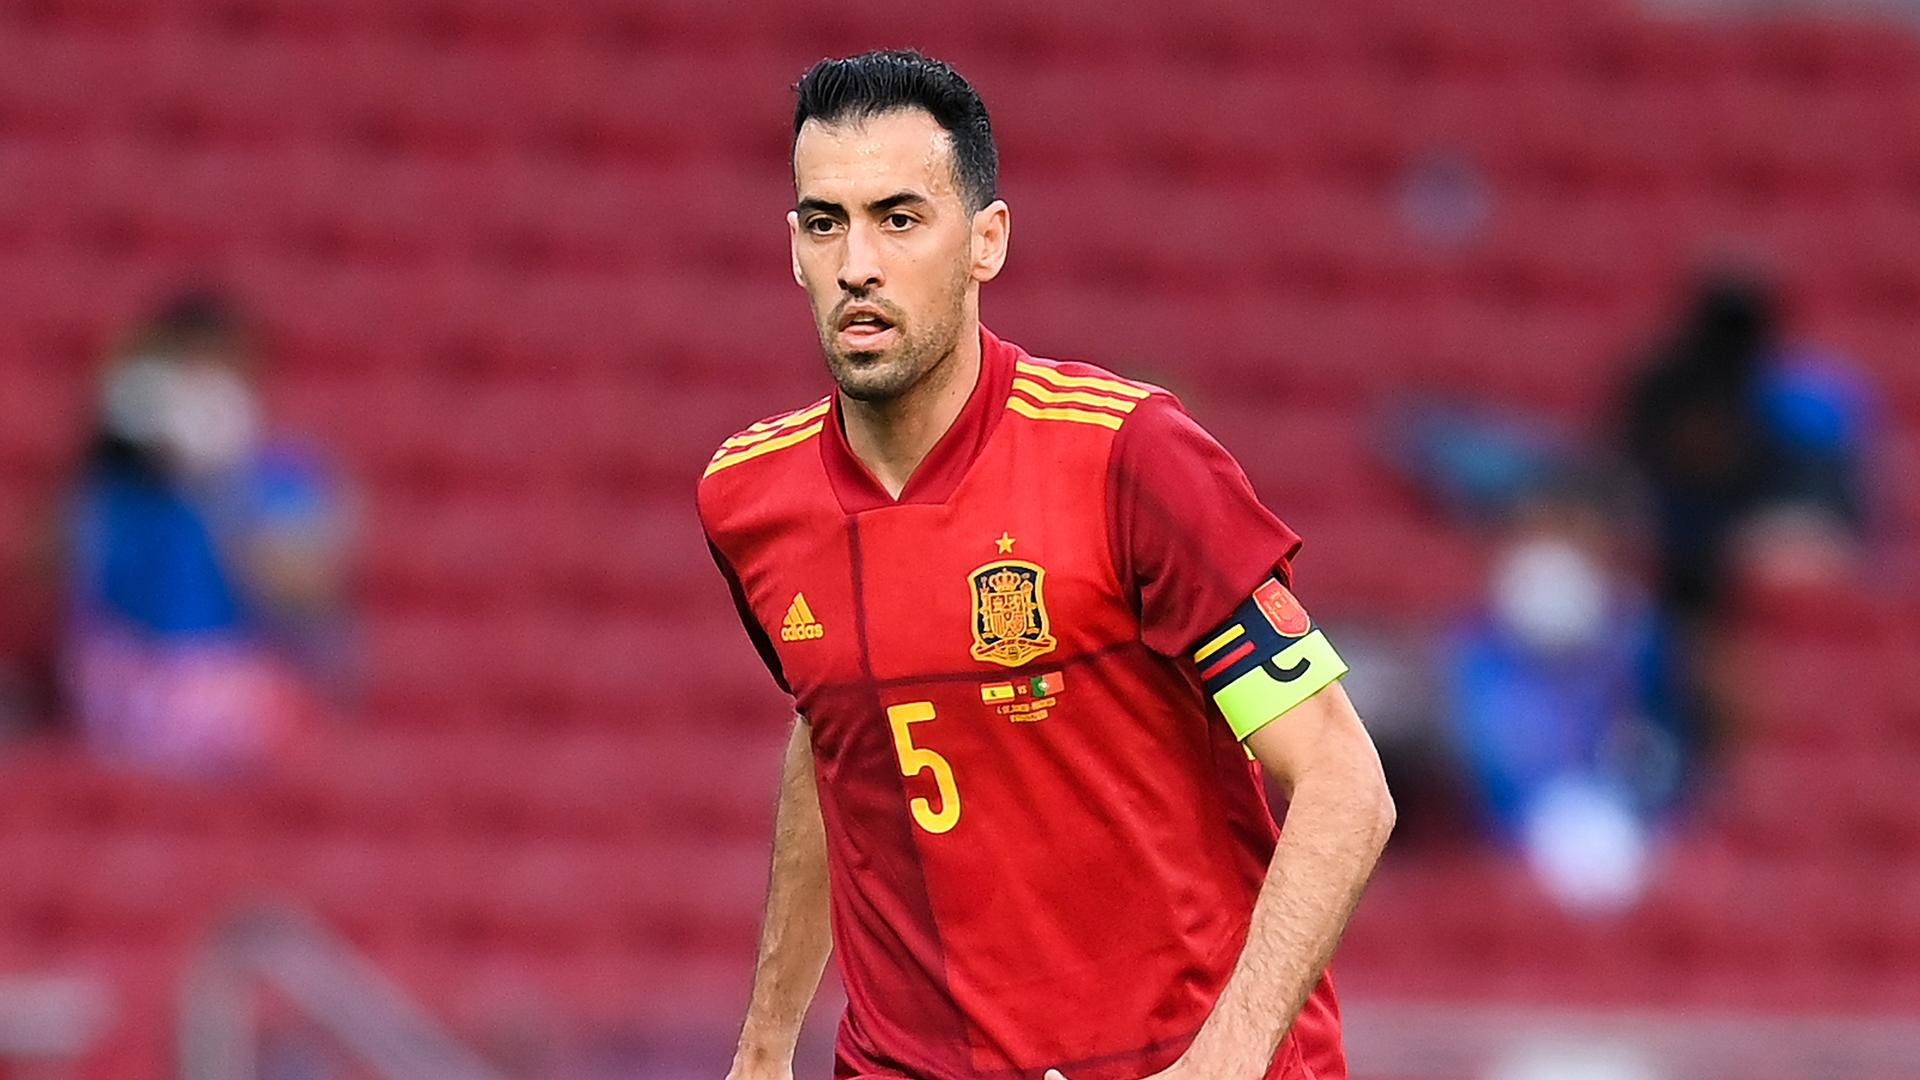 Video: Enrique praises Spain 'pillar' Busquets after Nations League defeat